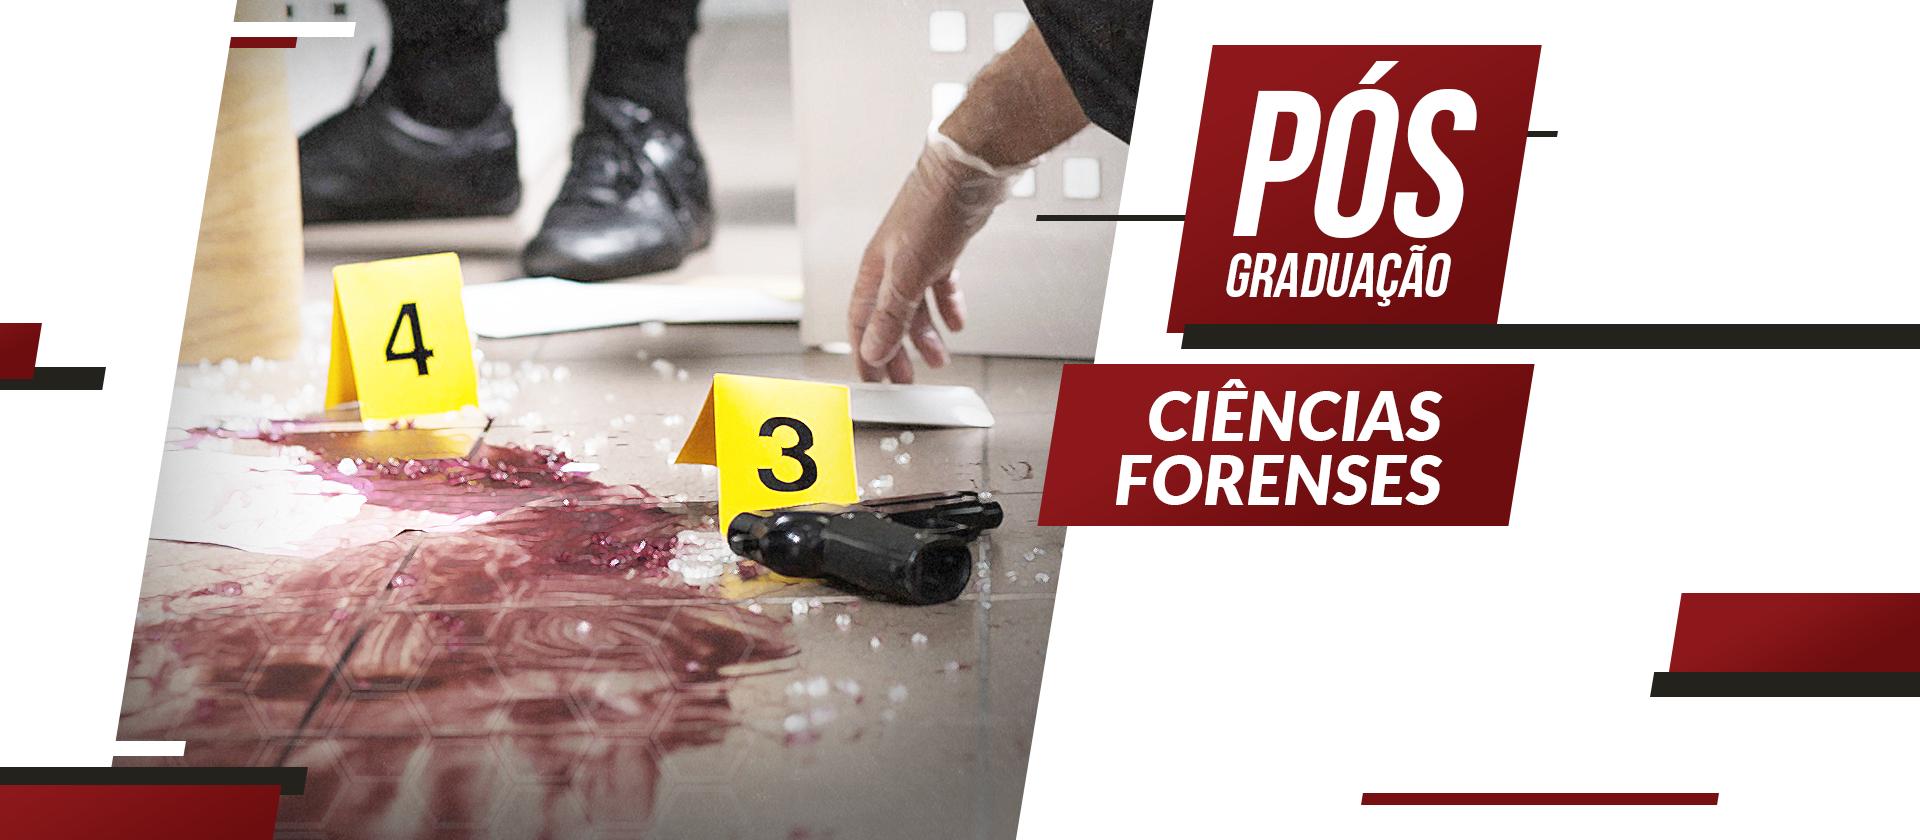 Ciências Forenses - Investigação Criminal